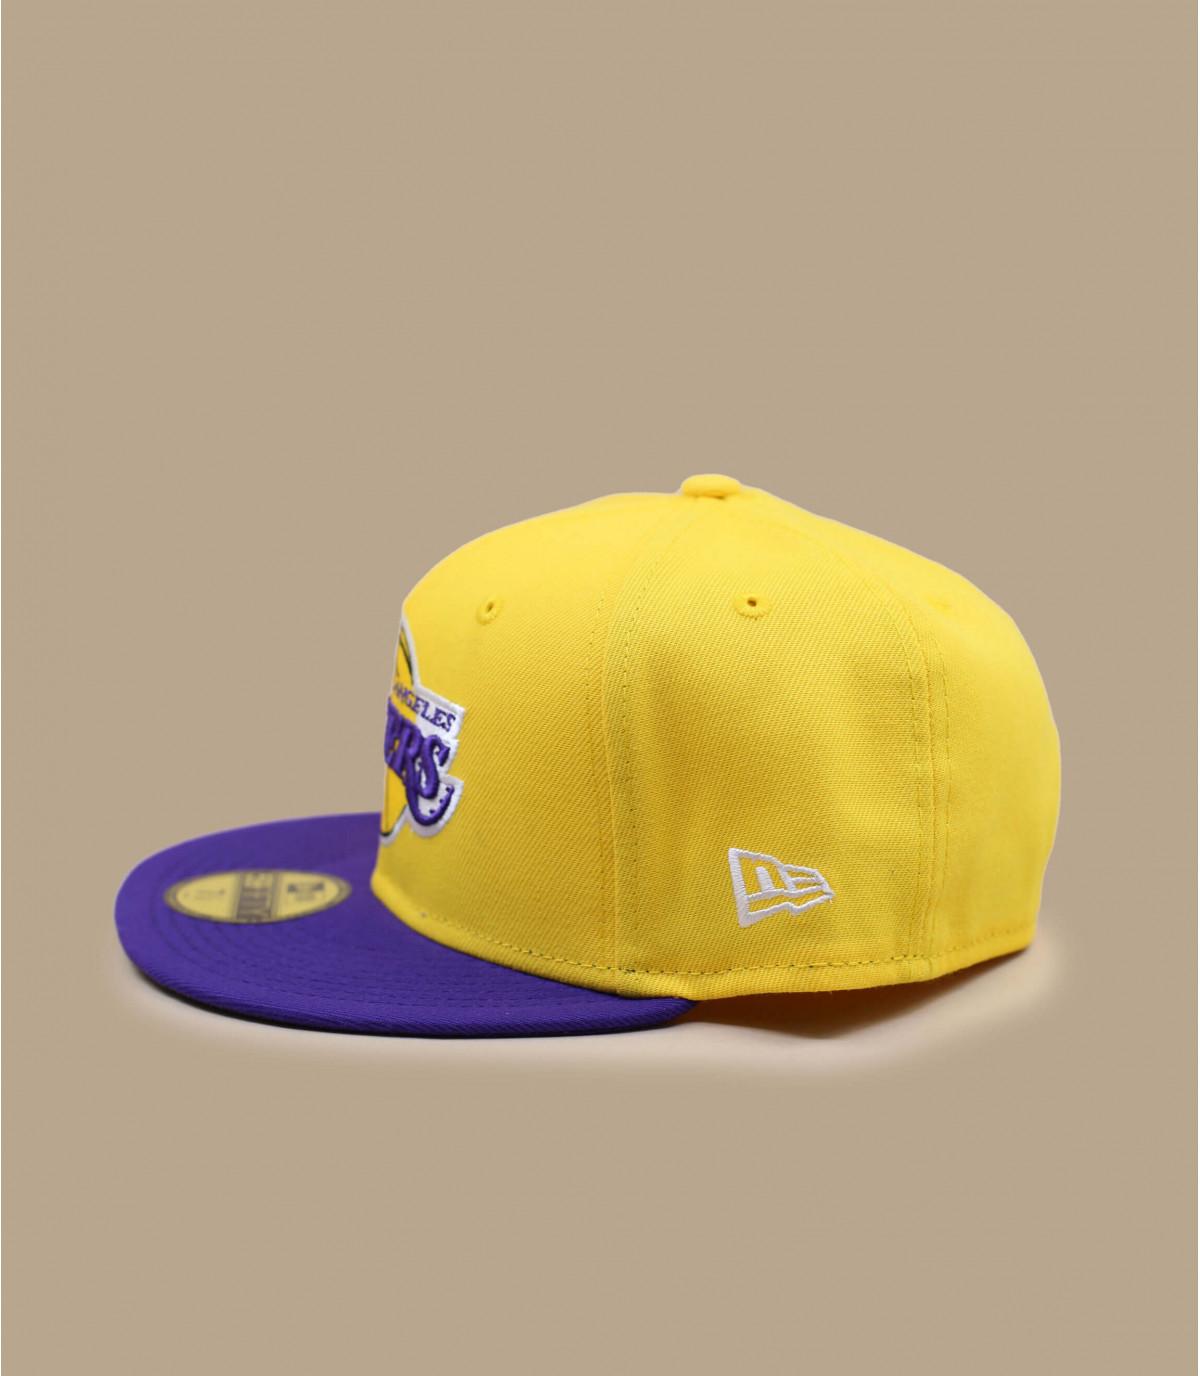 Détails Casquette Lakers 59fifty jaune - image 2